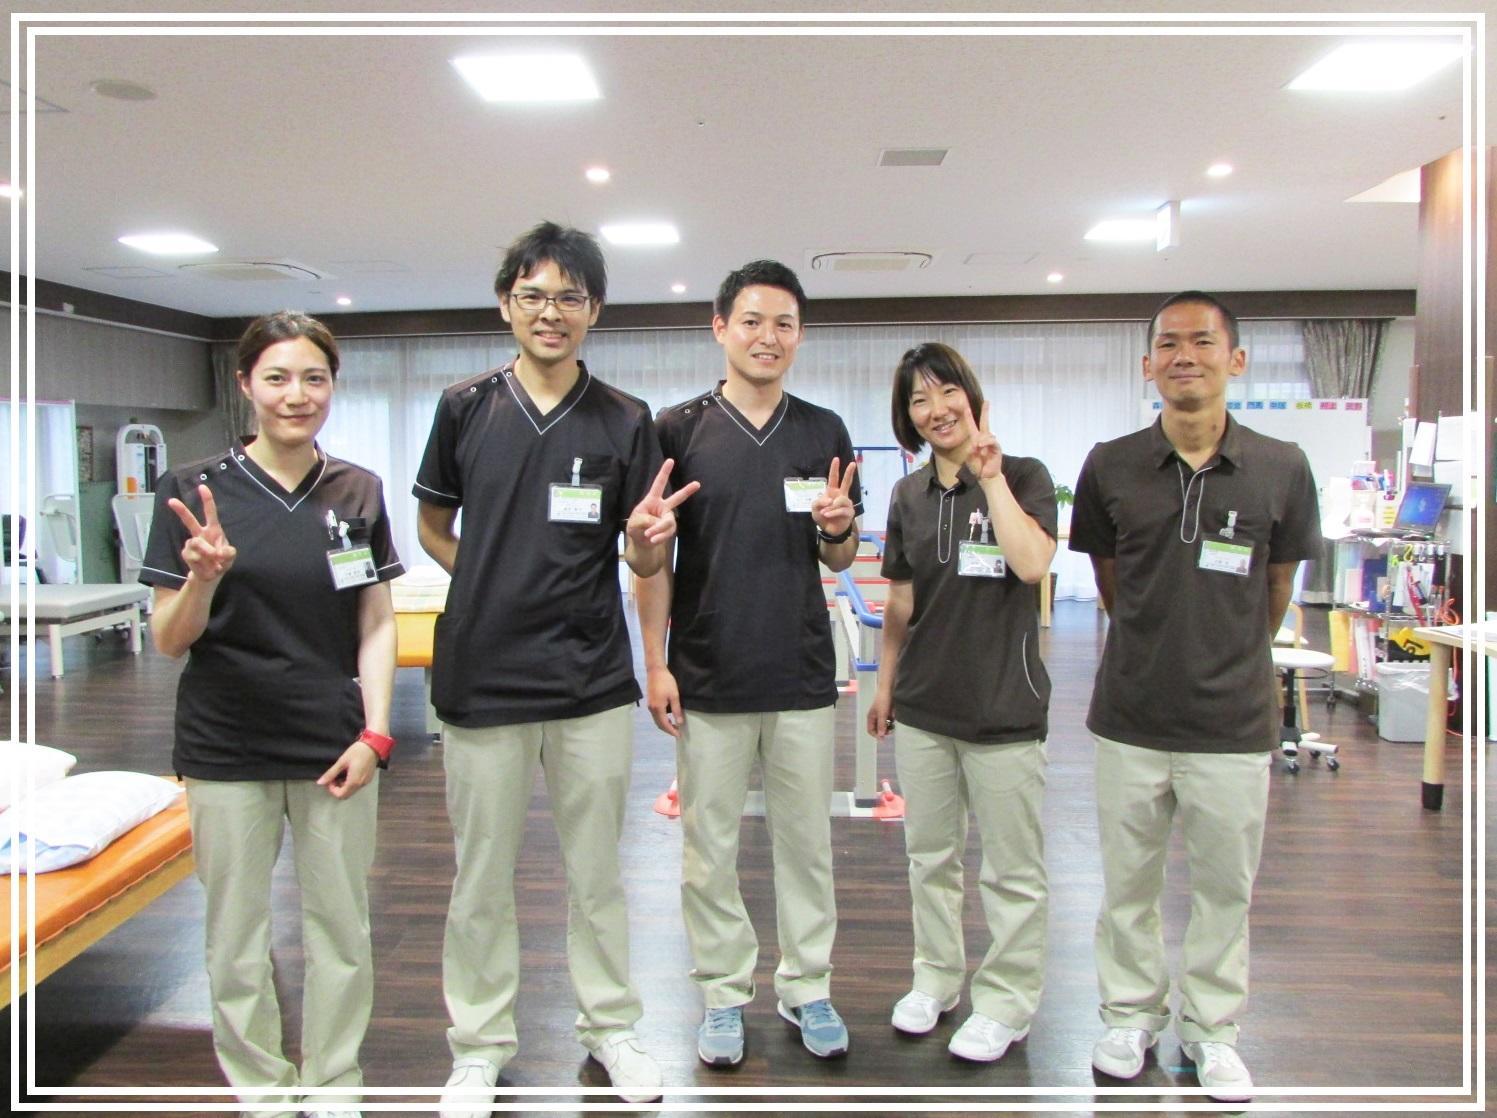 介護老人保健施設ライフサポートひなた【訪問リハビリ部門】